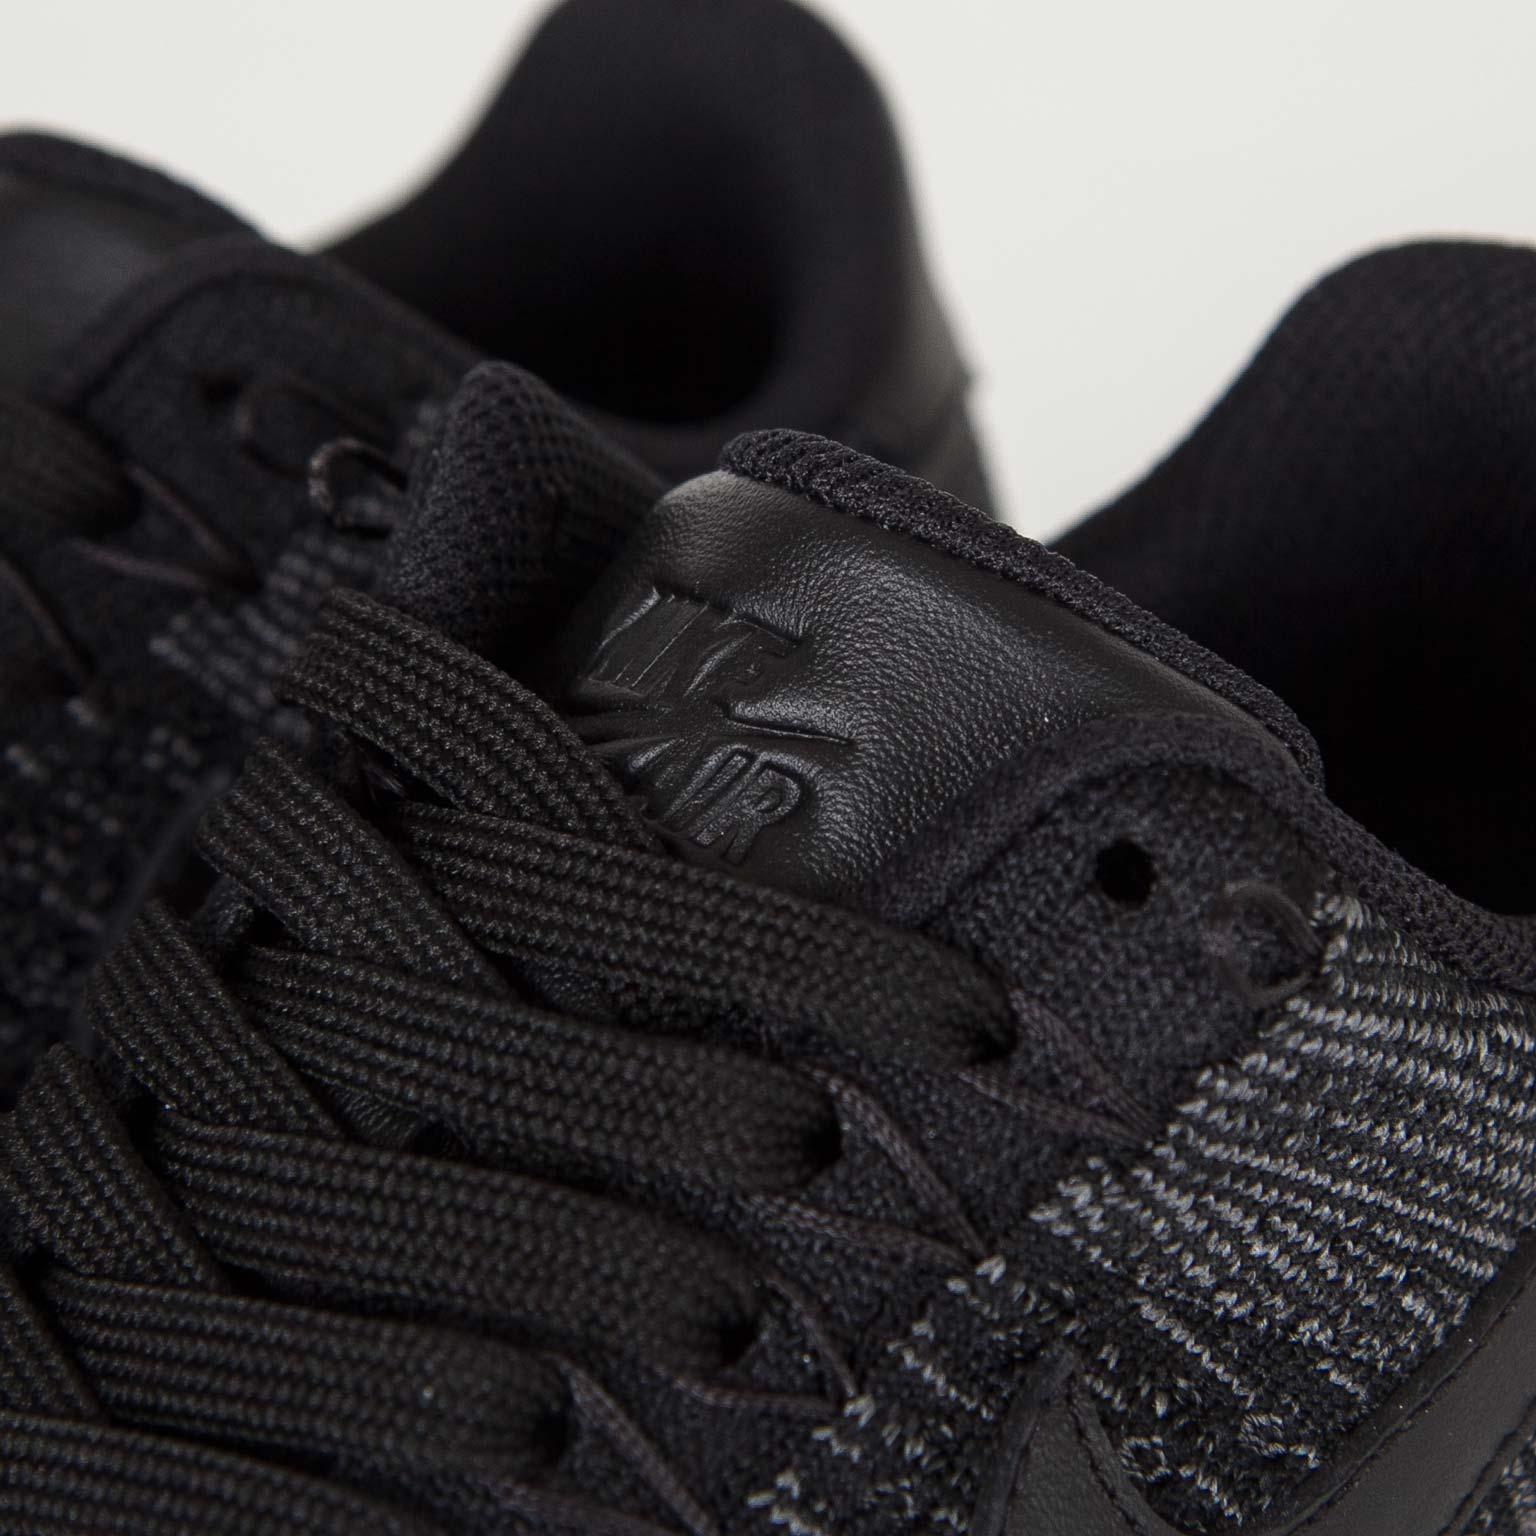 548f922d4c887 Nike W AF1 Flyknit Low - 820256-001 - Sneakersnstuff